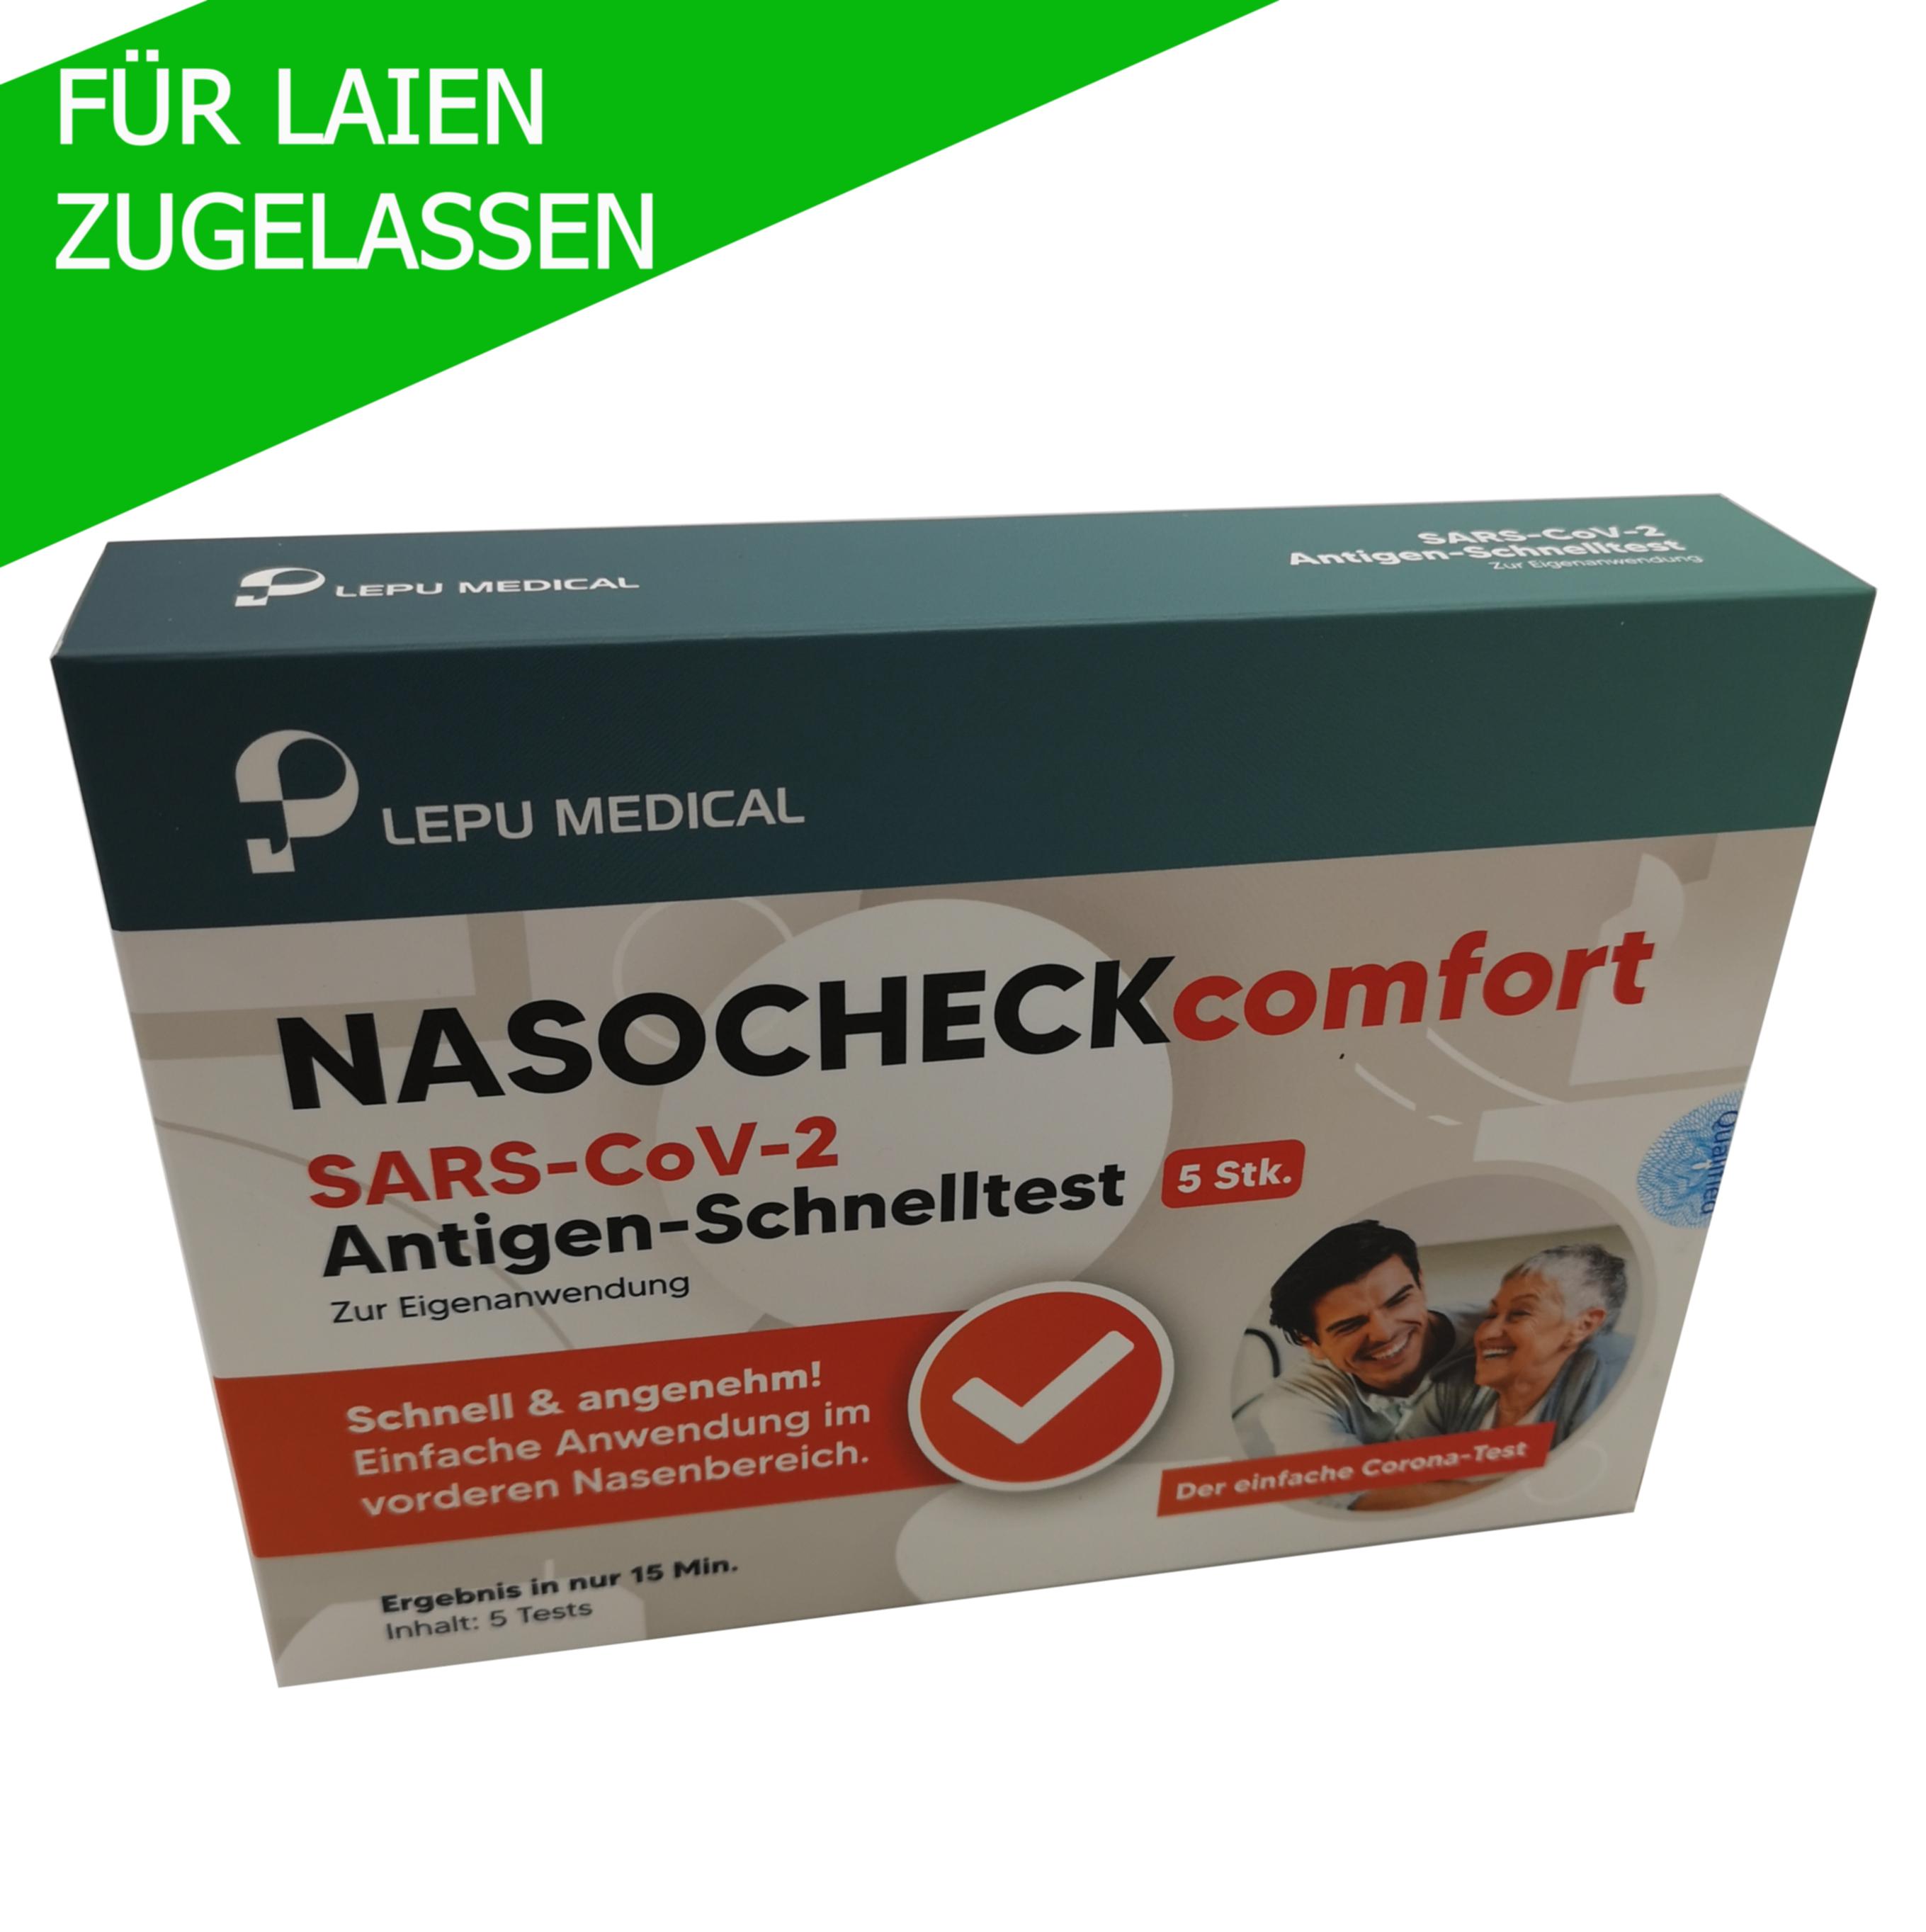 5er Packung LEPU Nasocheck comfort Antigen Schnelltest (vorderer Nasenabstrich) zum Nachweis von SARS-CoV2